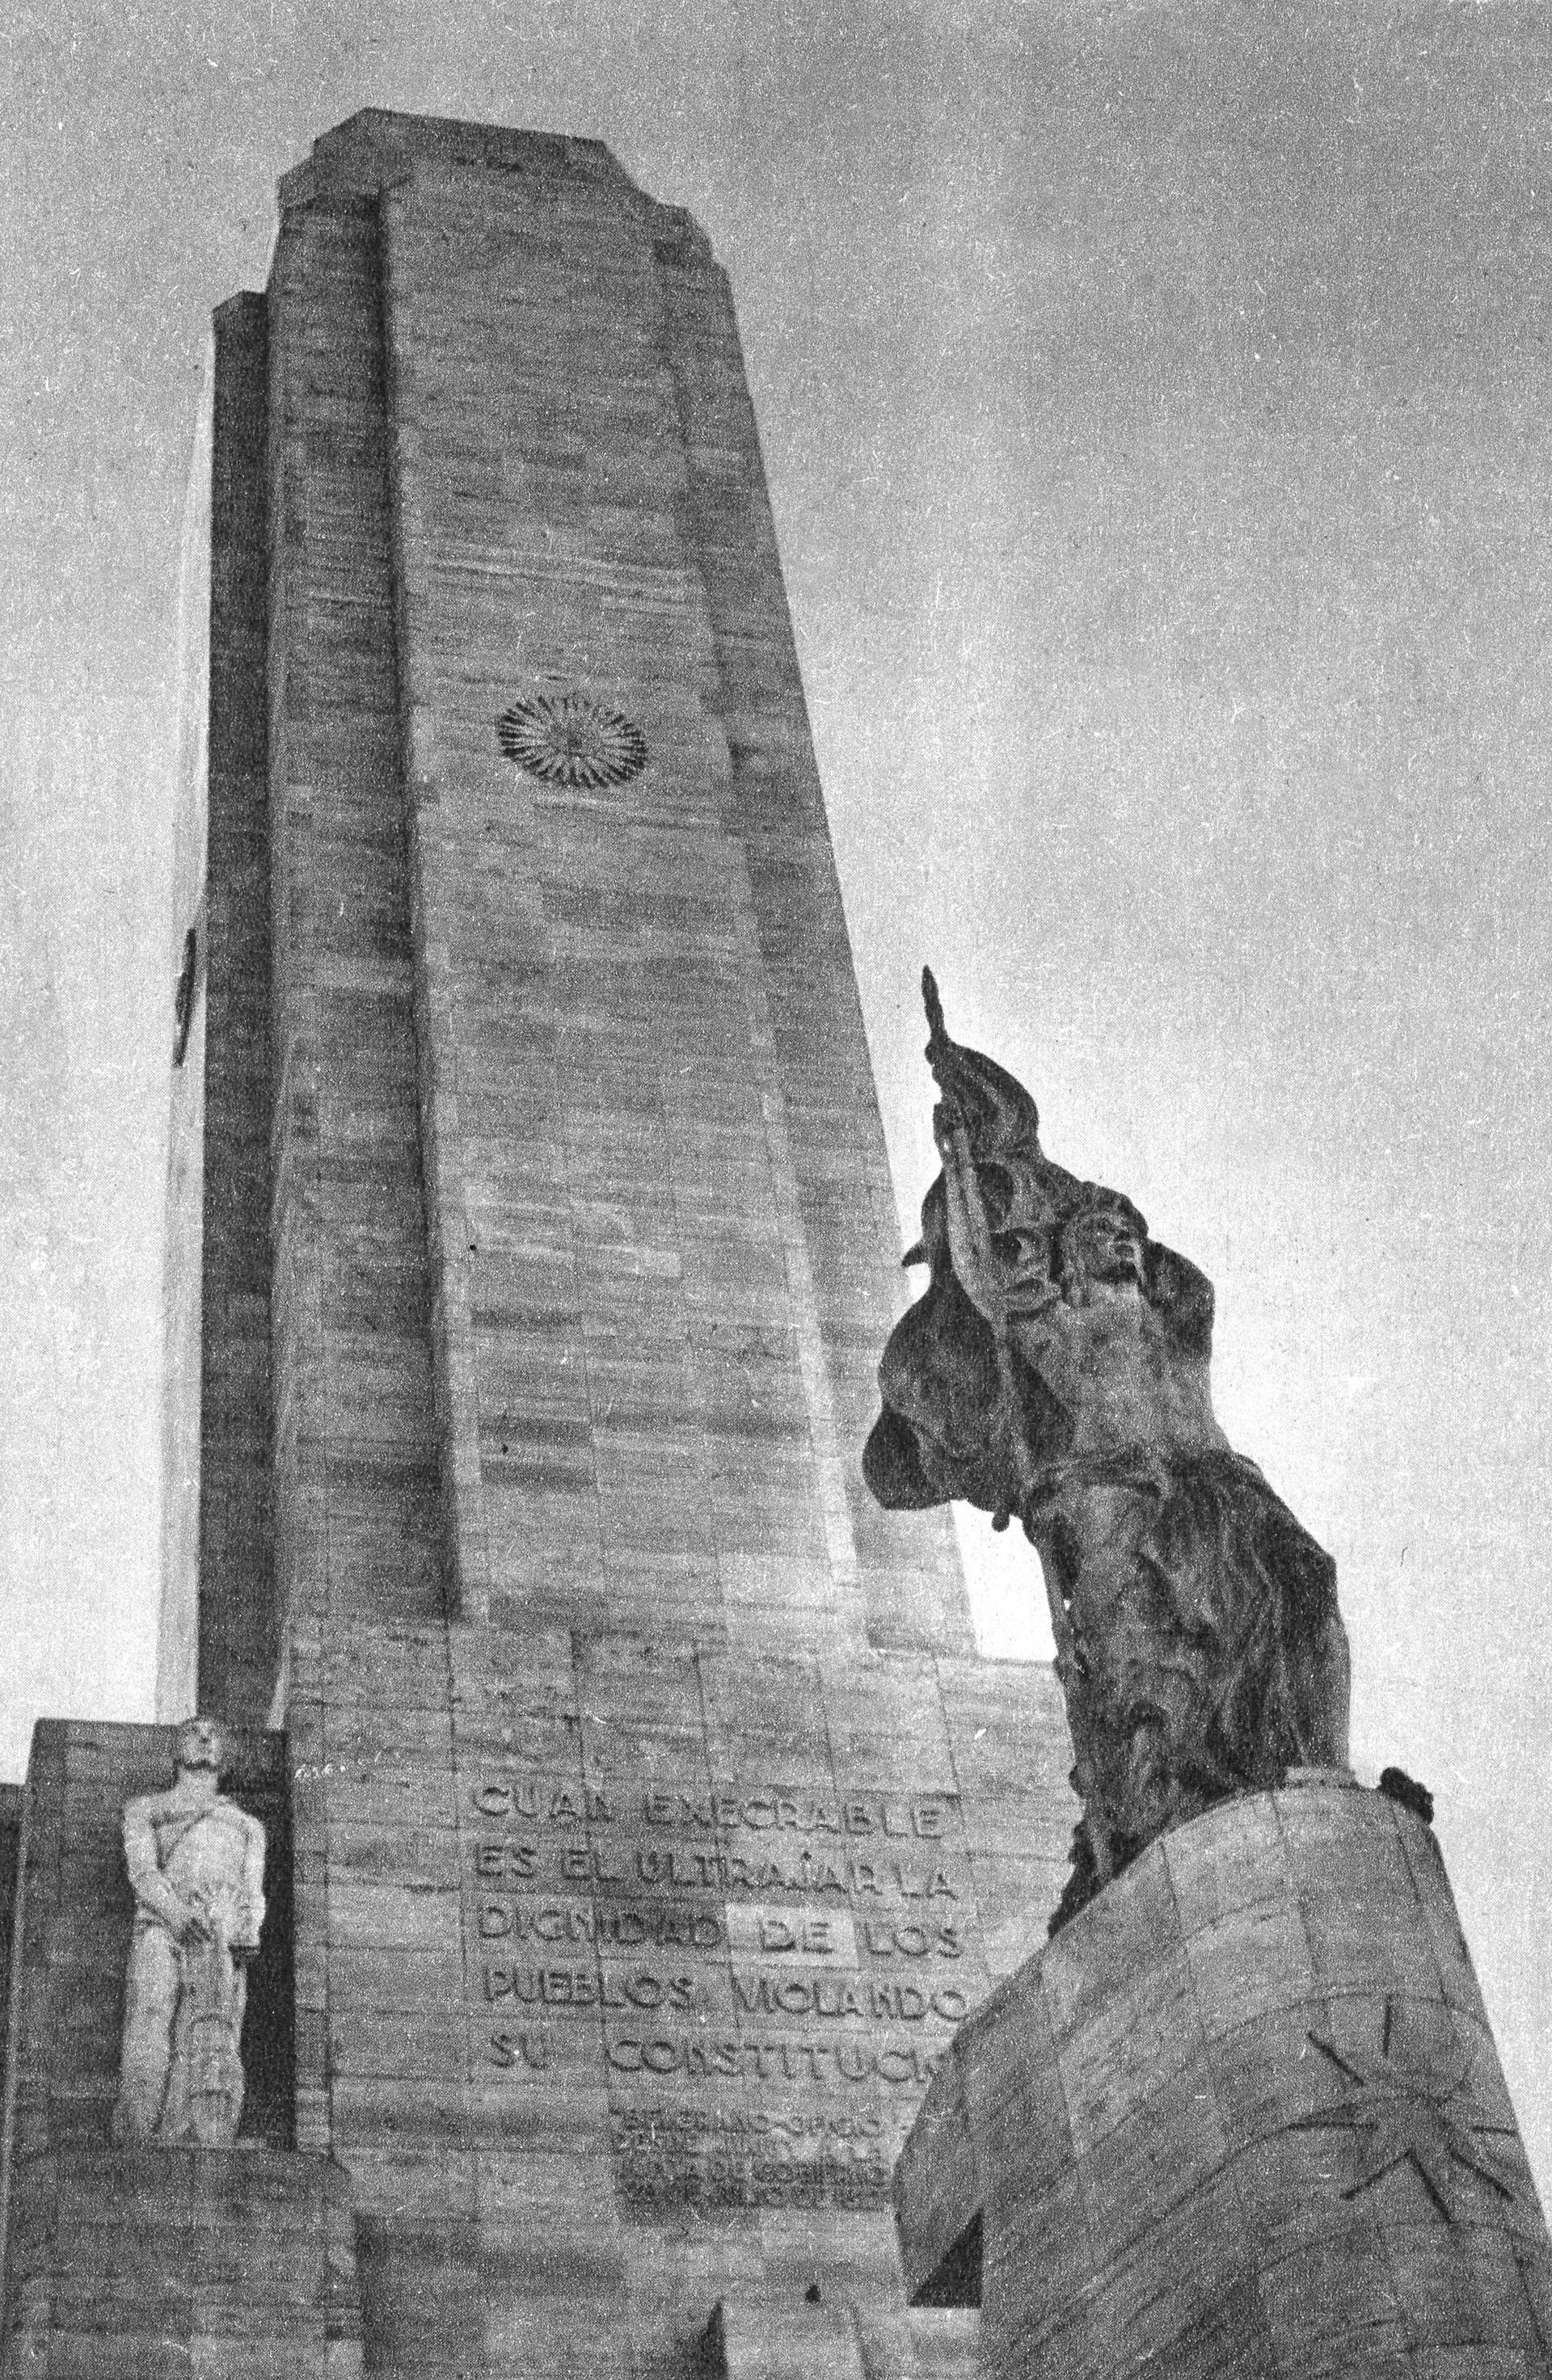 Detalle del Monumento a la Bandera en Rosario inaugurado el 20 de junio de 1957 (Archivo General de la Nación)